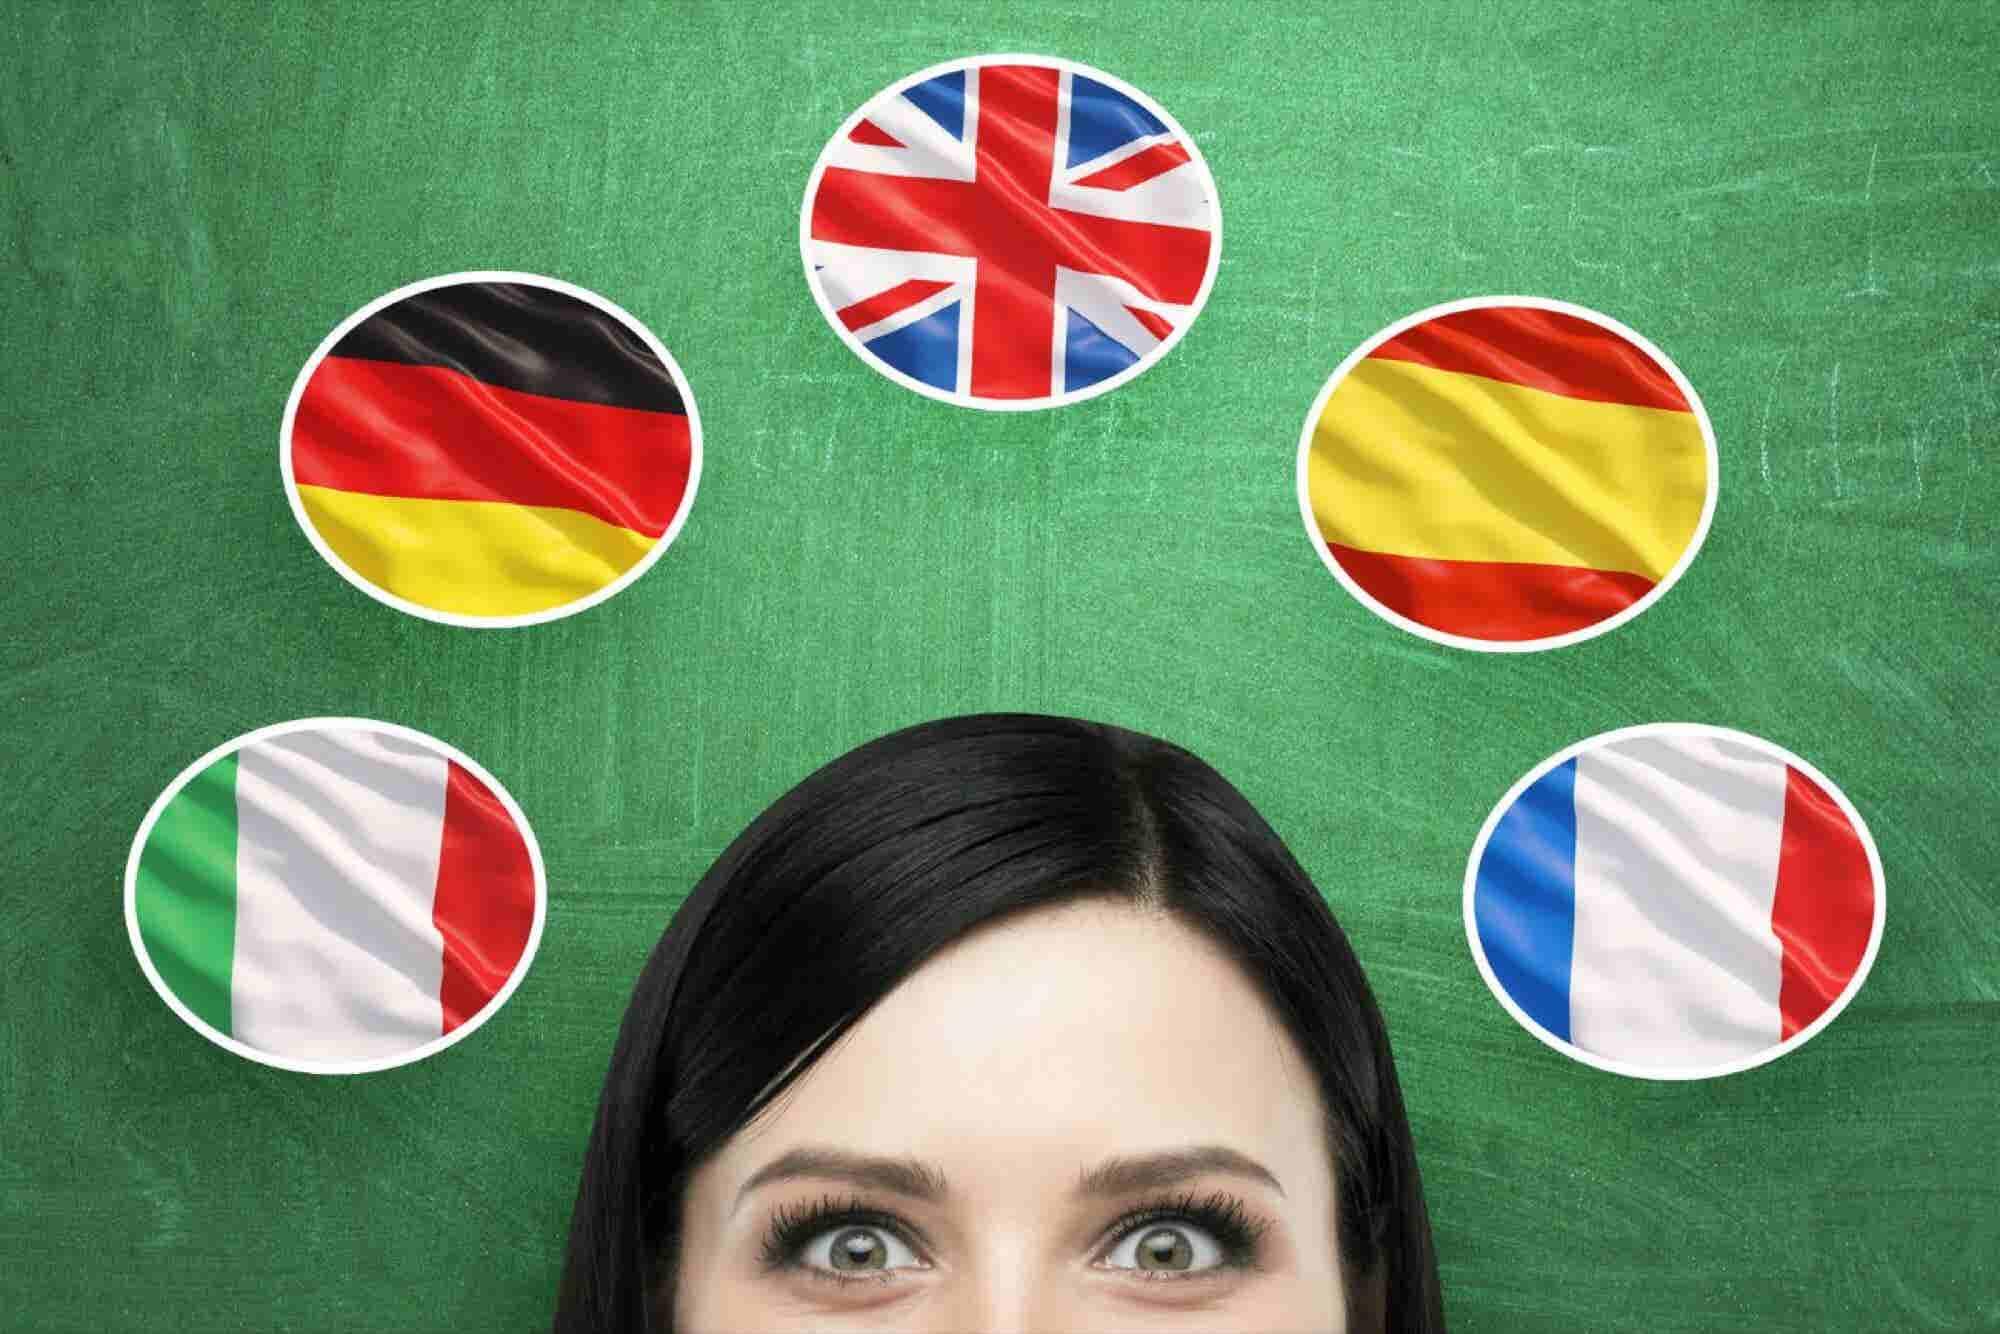 Esta tecnología traduce 19 idiomas en tiempo real